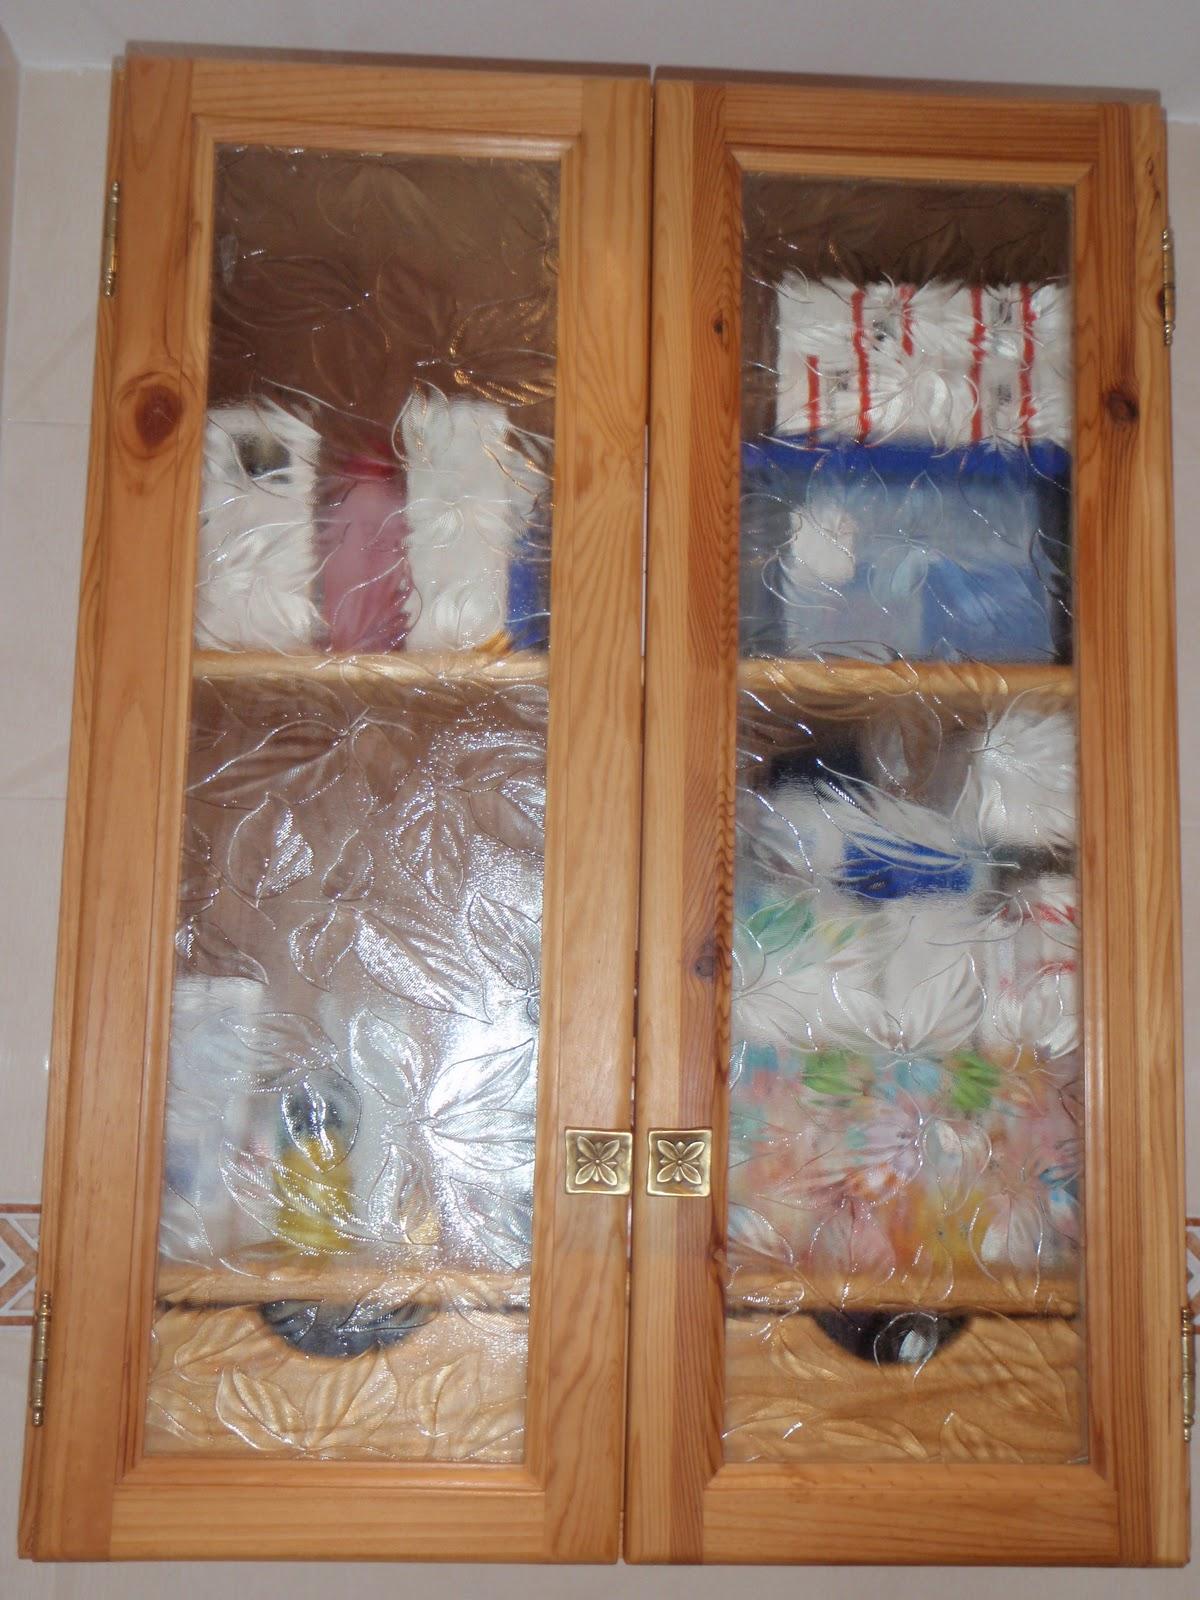 Botiquin Para Baño De Madera:Mis trabajos en madera: Armario Botiquín para Baño